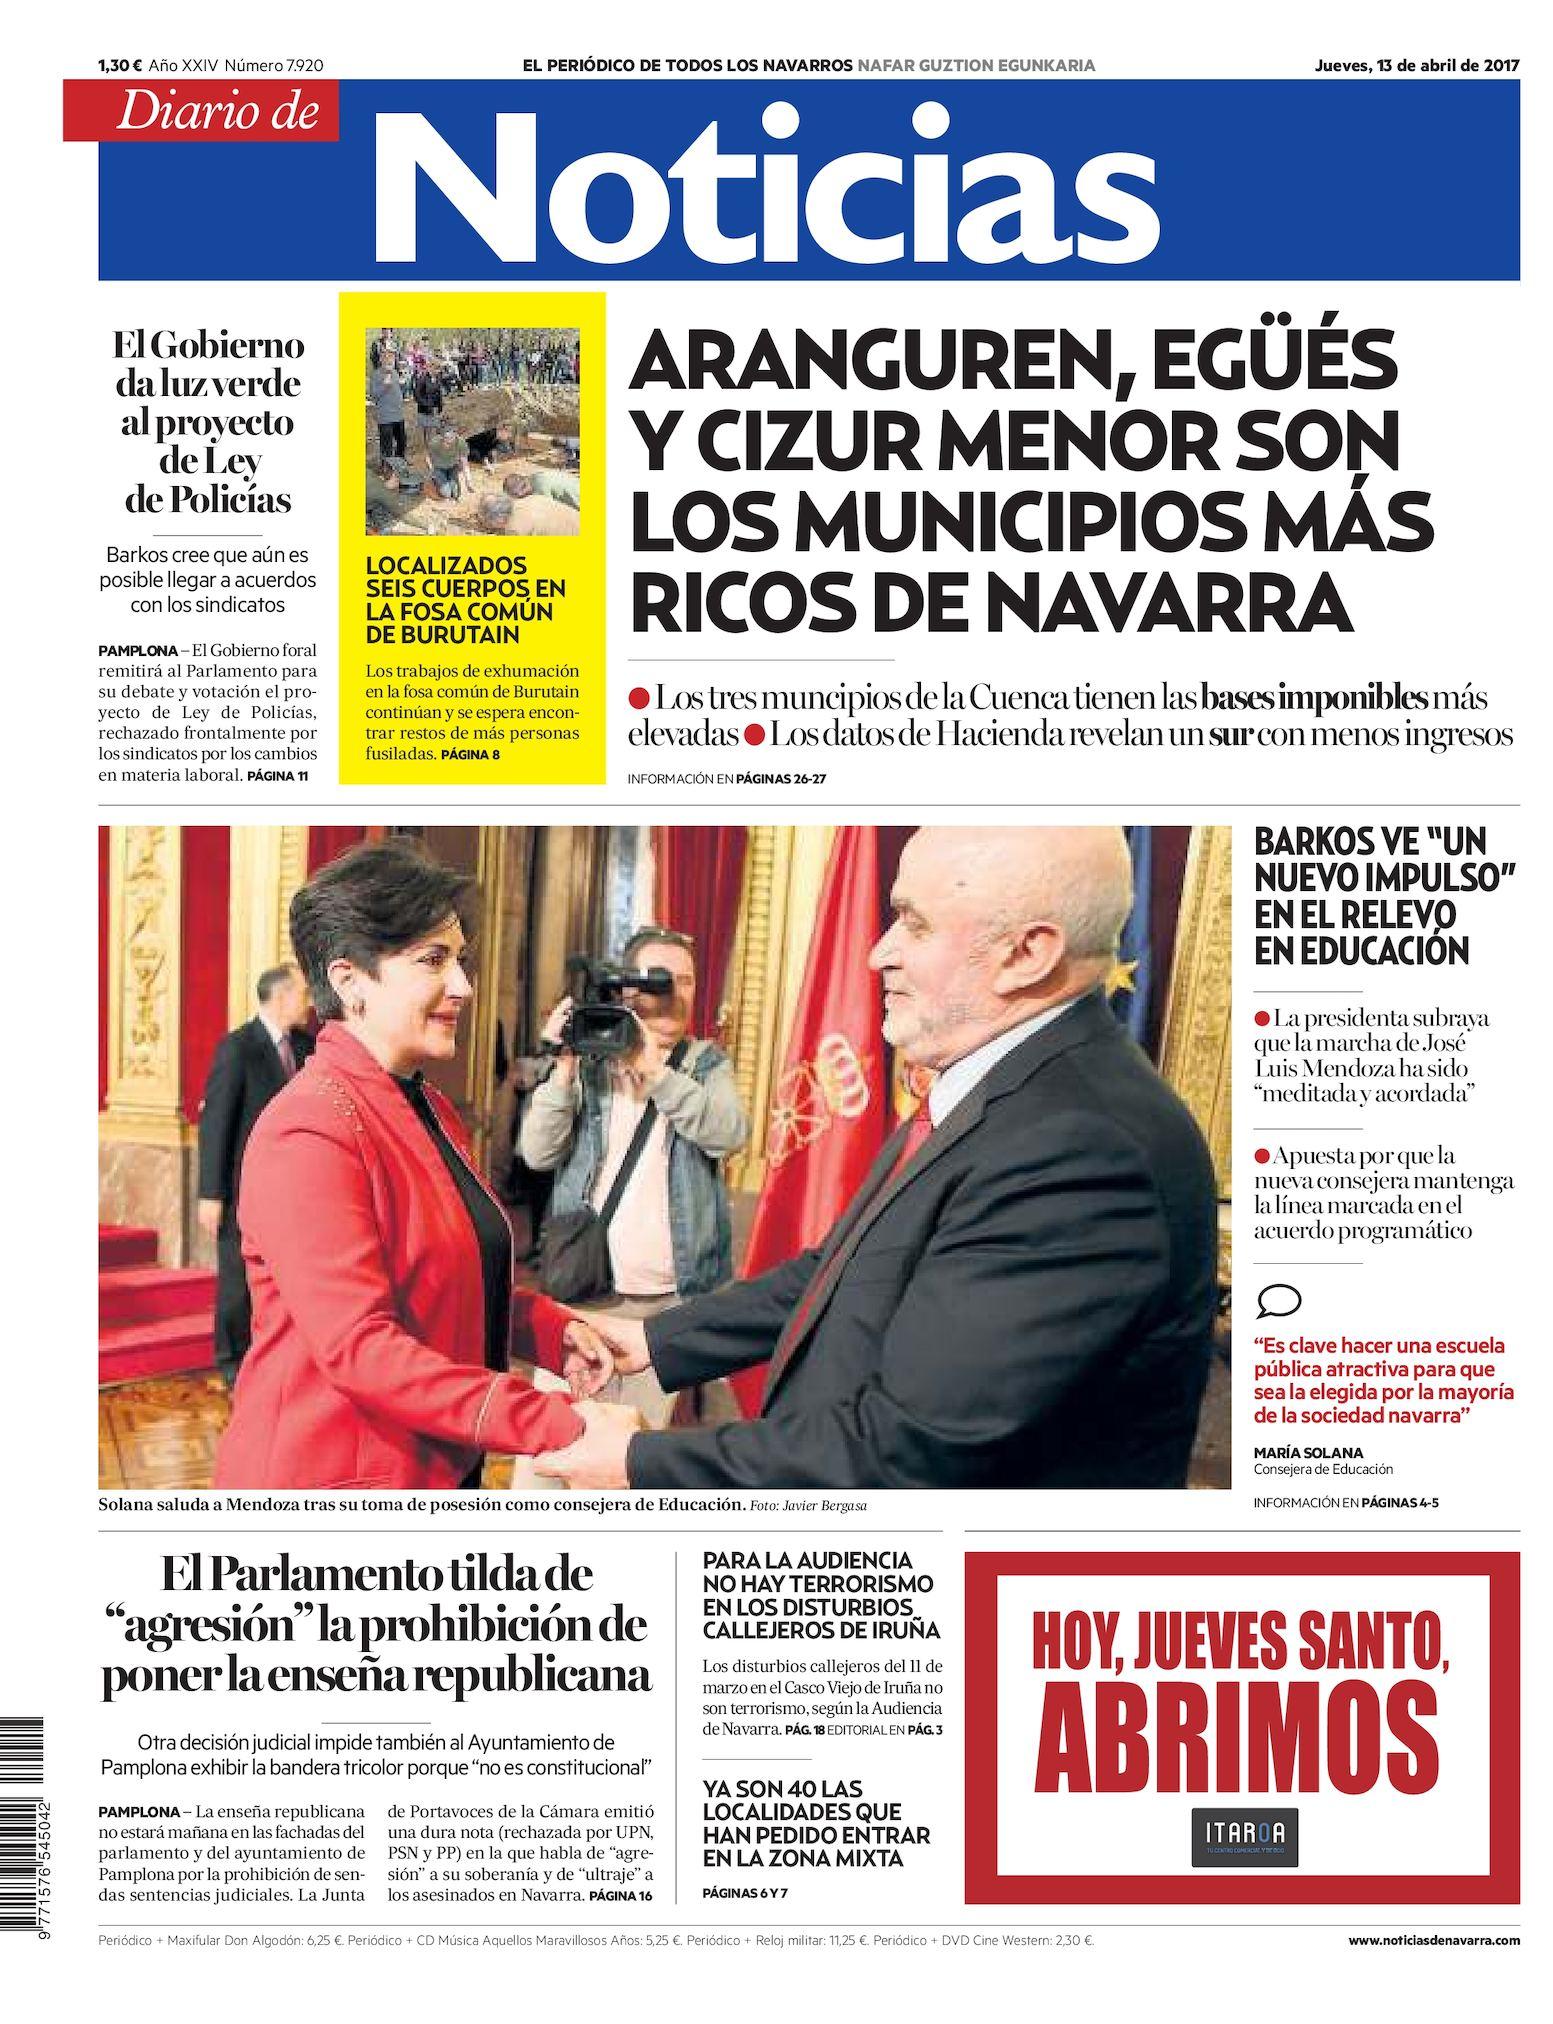 Noticias Calaméo Diario Diario De Calaméo De 20170413 Noticias YE2IWDH9